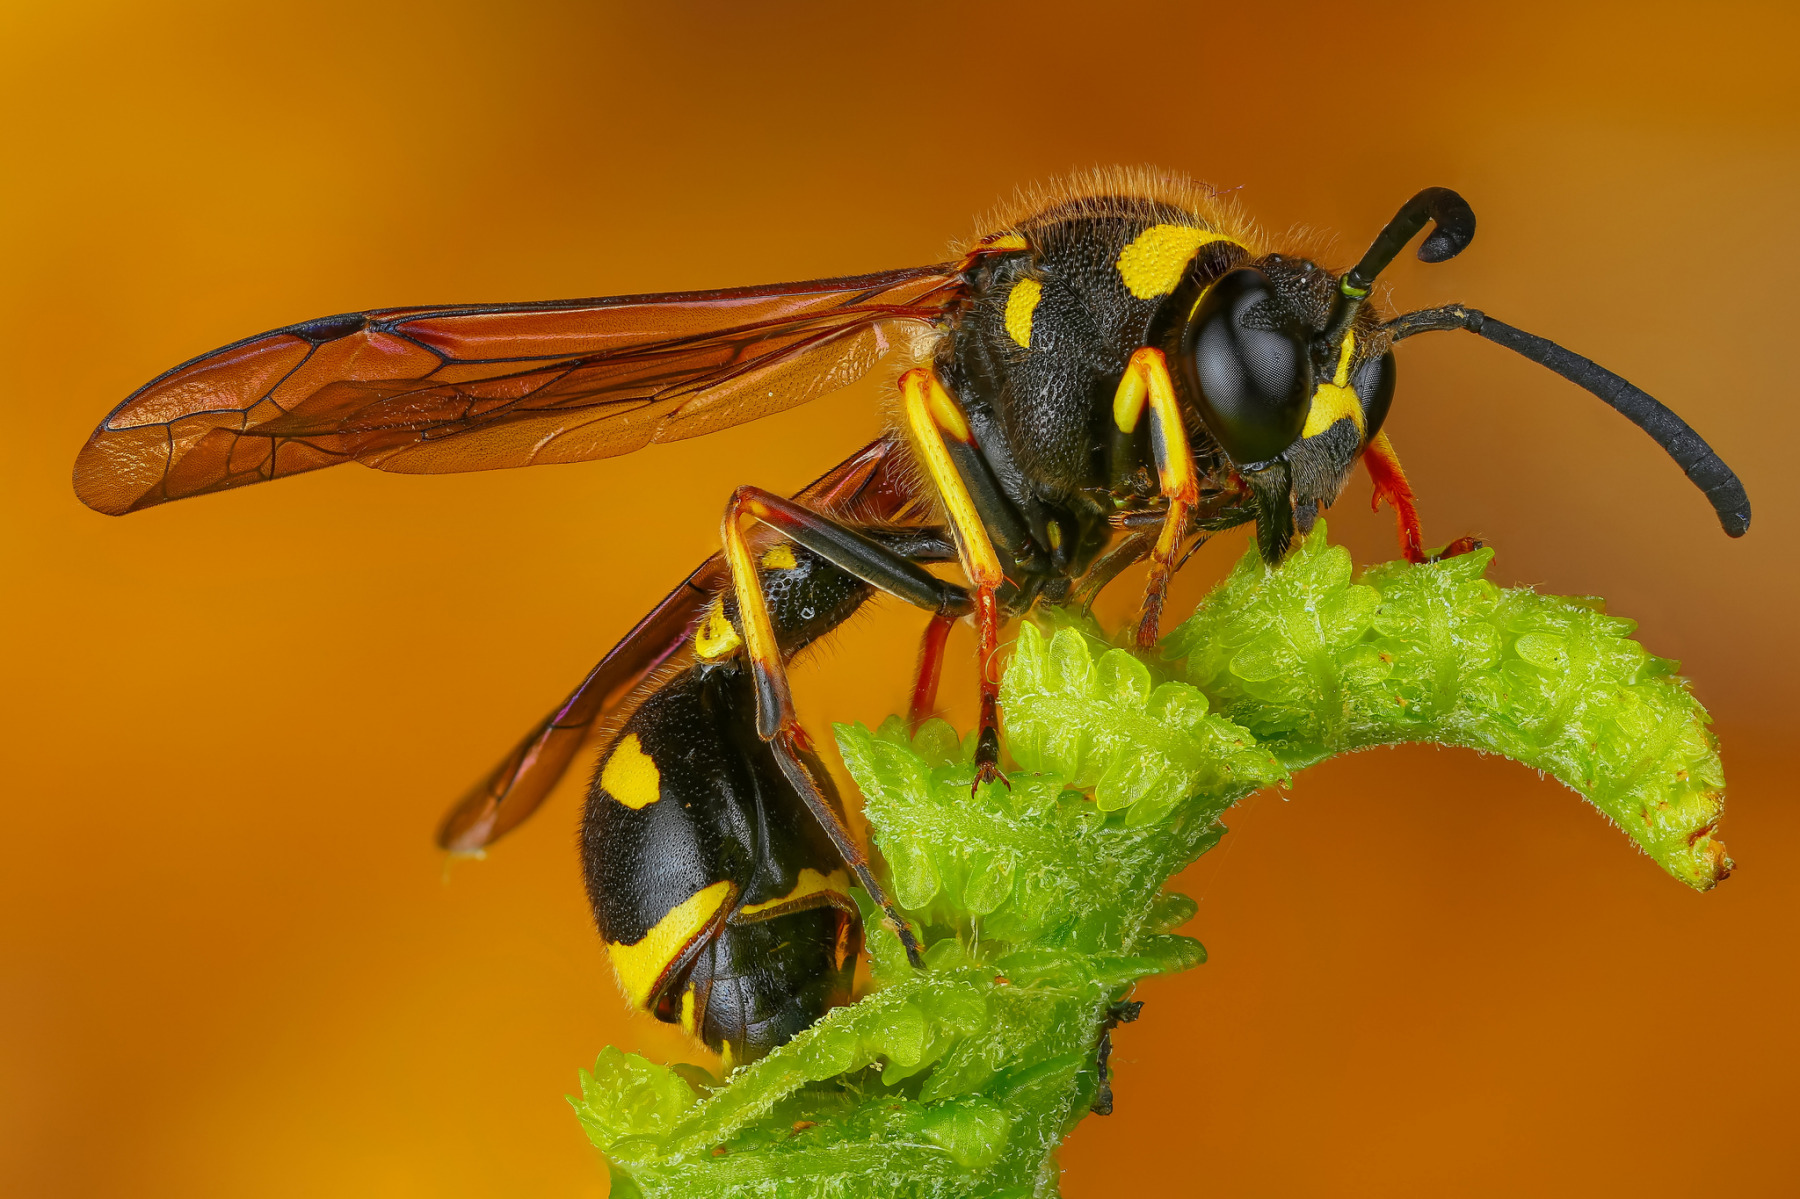 картинки осы и все о ней одним преимуществом пробки